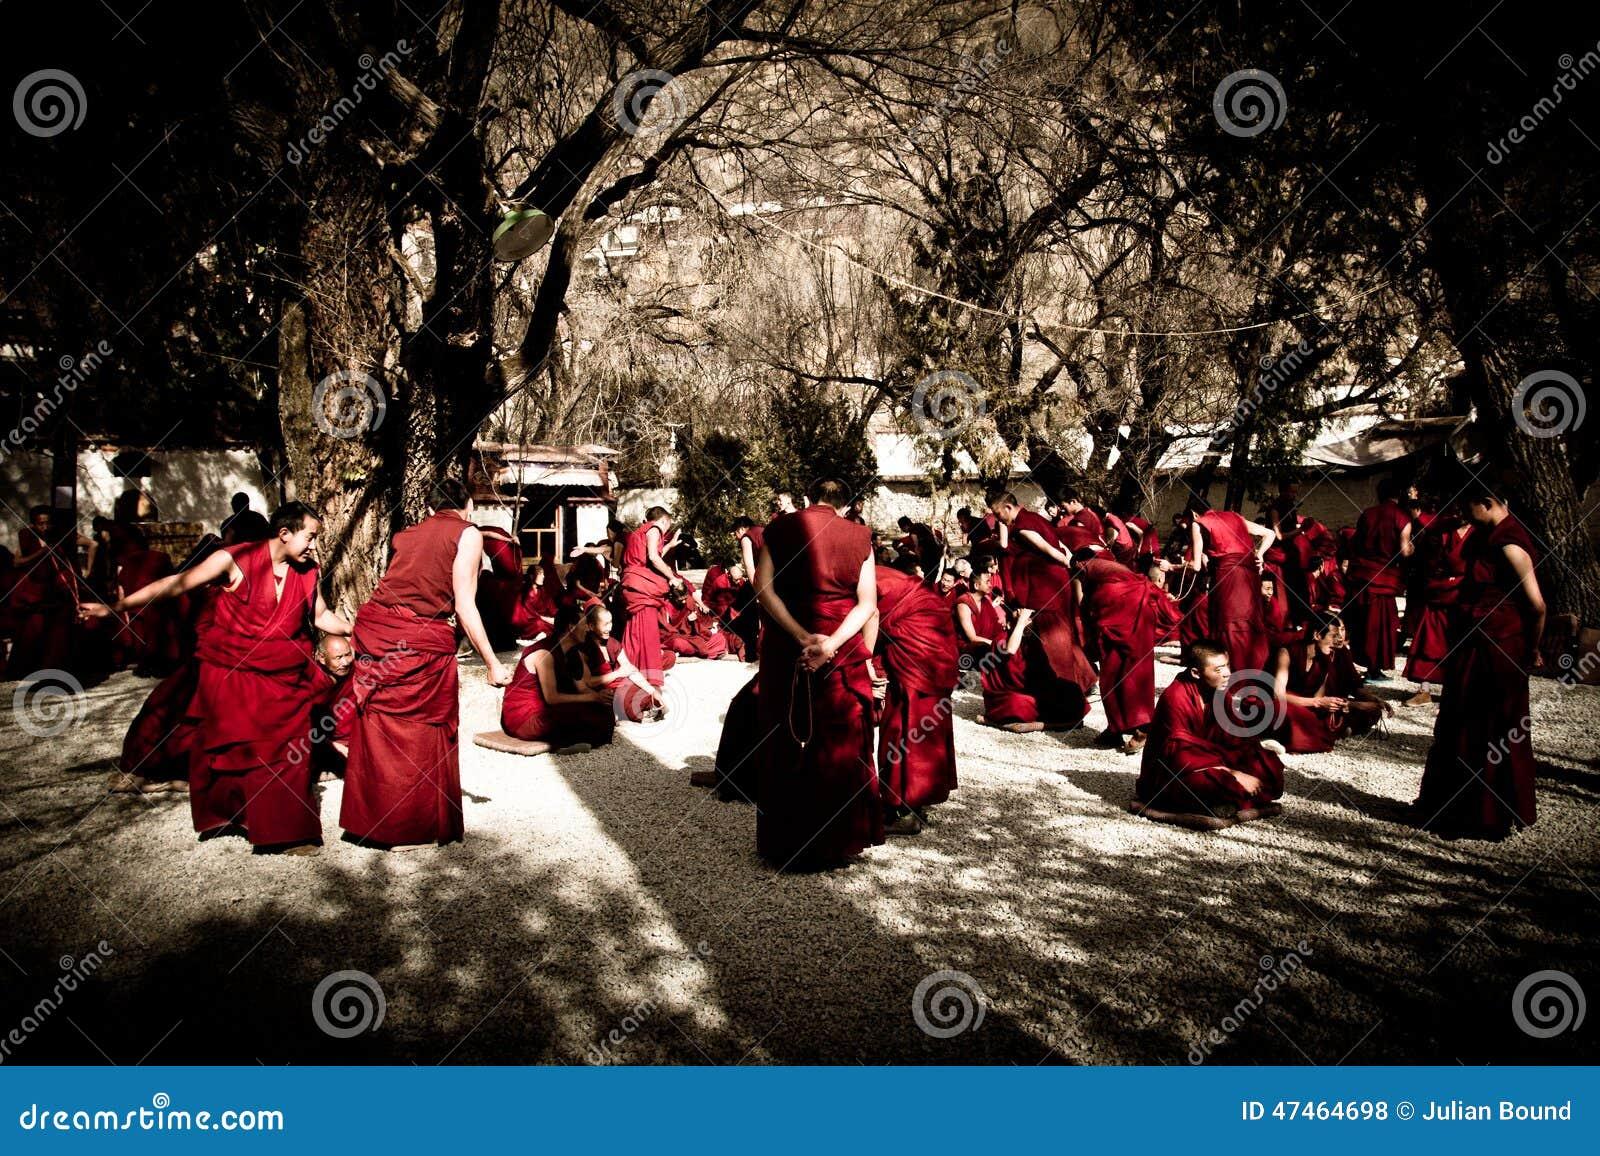 Debating monks of Sera monastery, Lhasa, Tibet